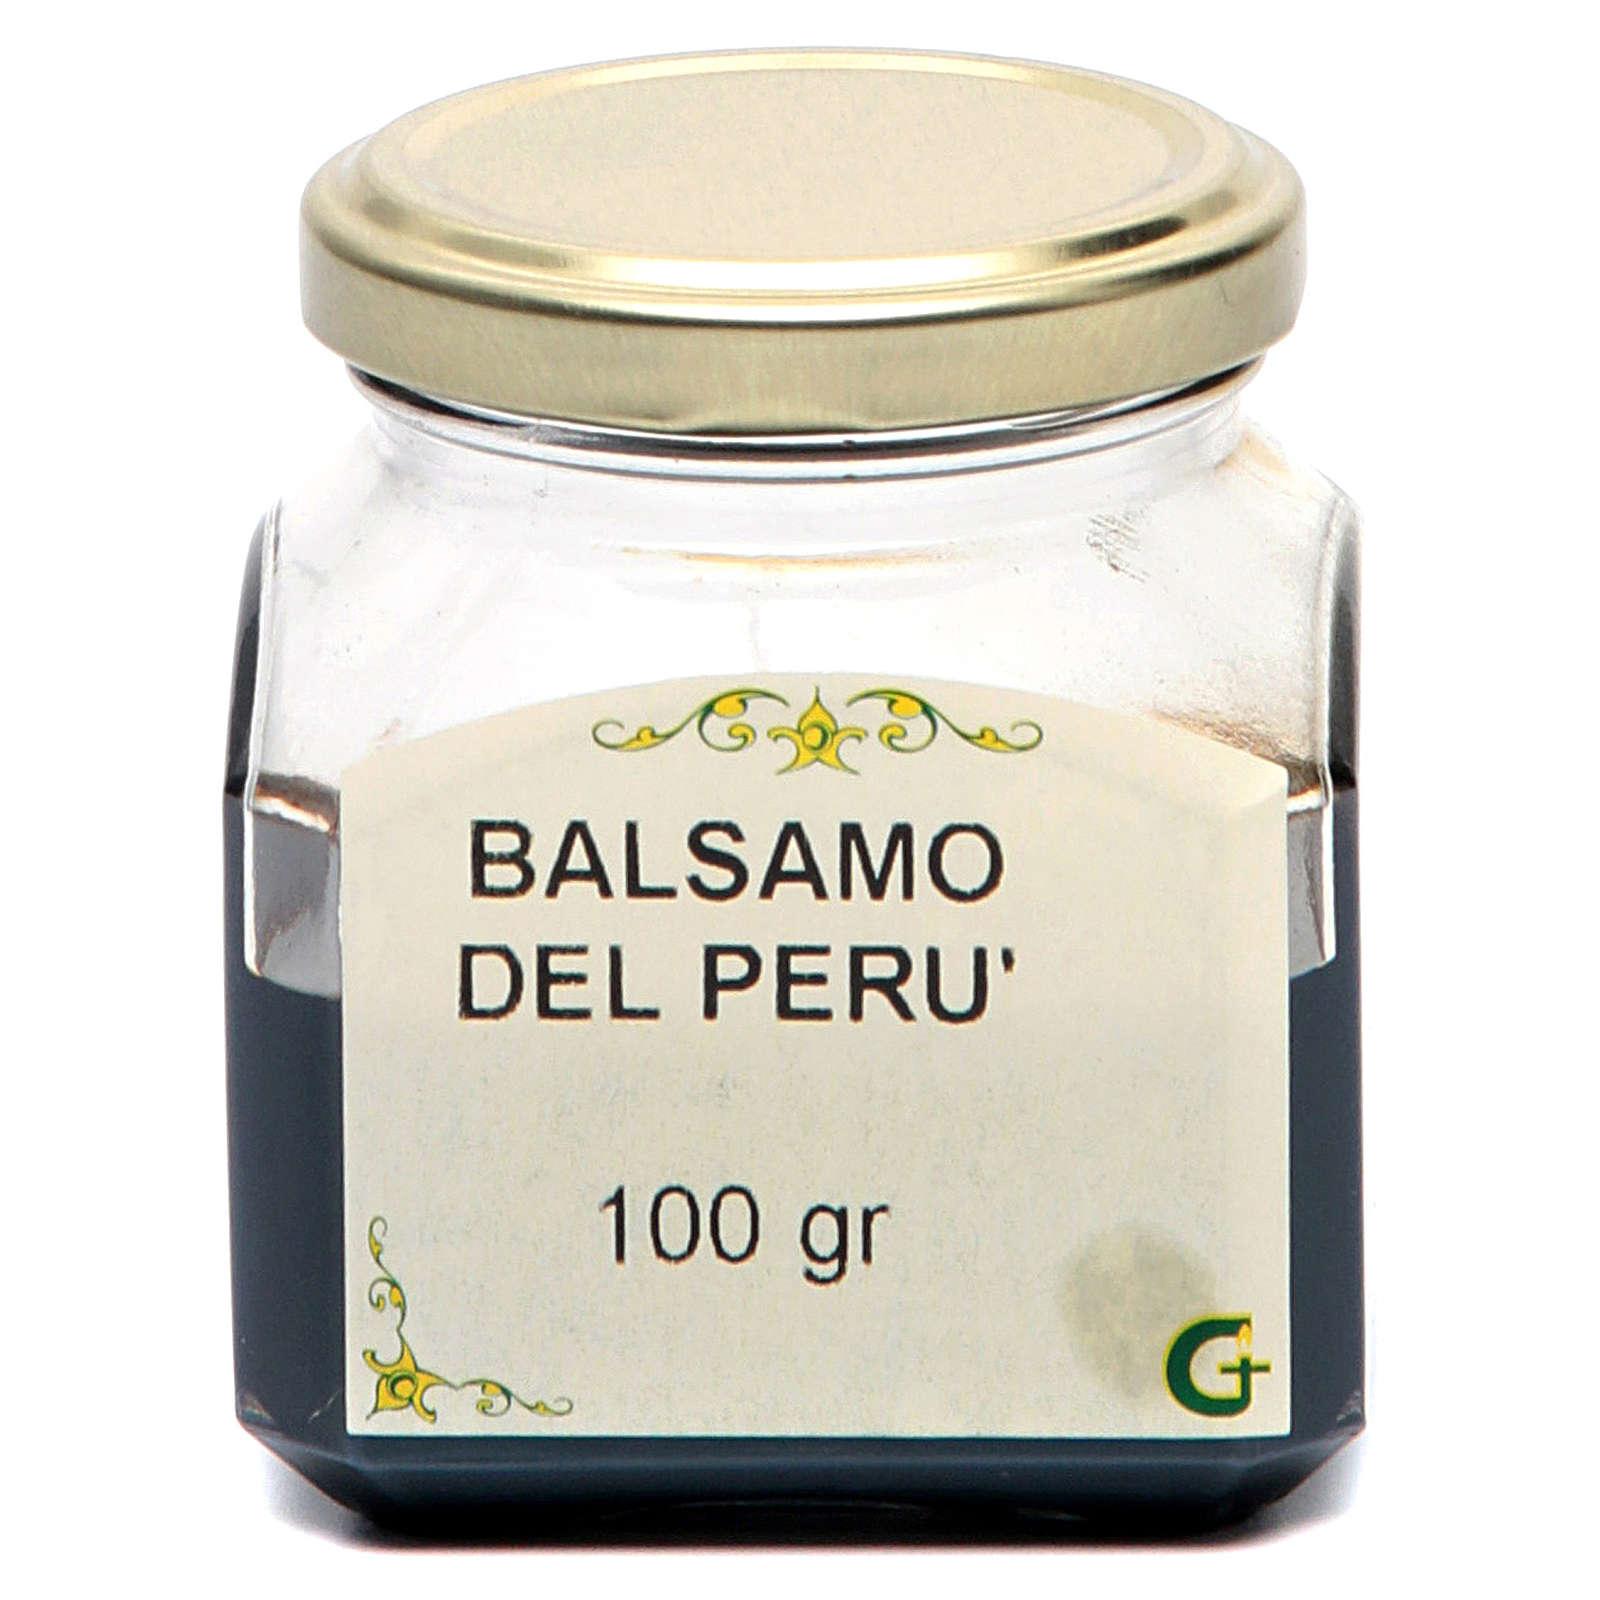 Balsamo del Peru, Perubalsam, 100gr 3